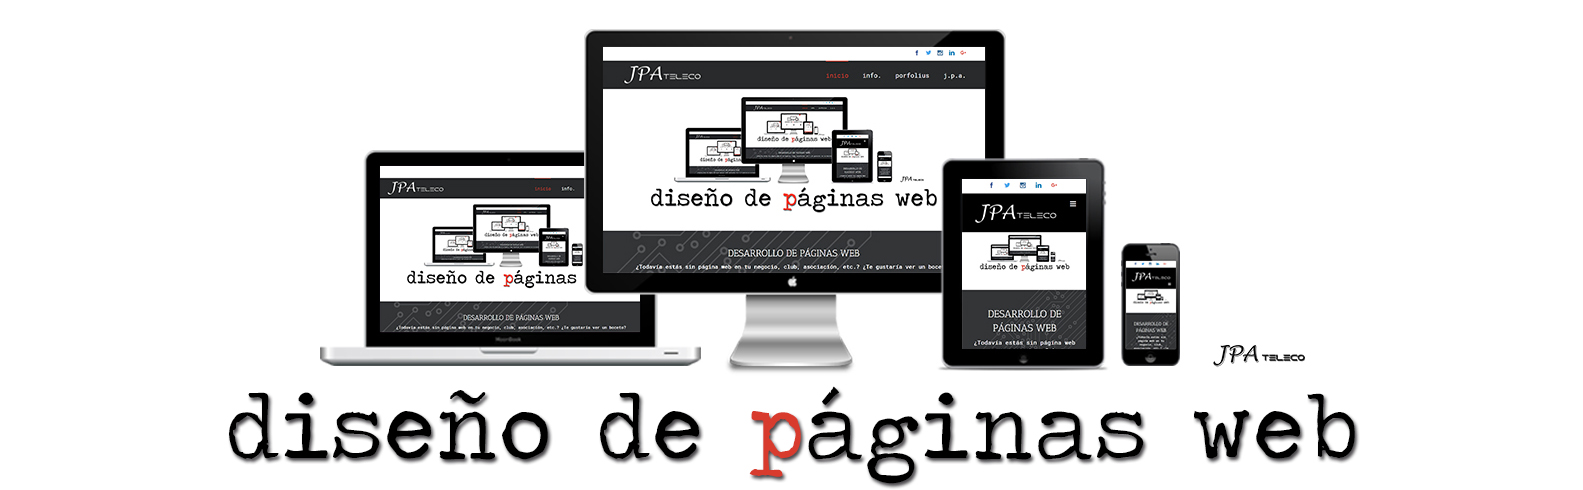 JPAteleco Diseño de páginas web